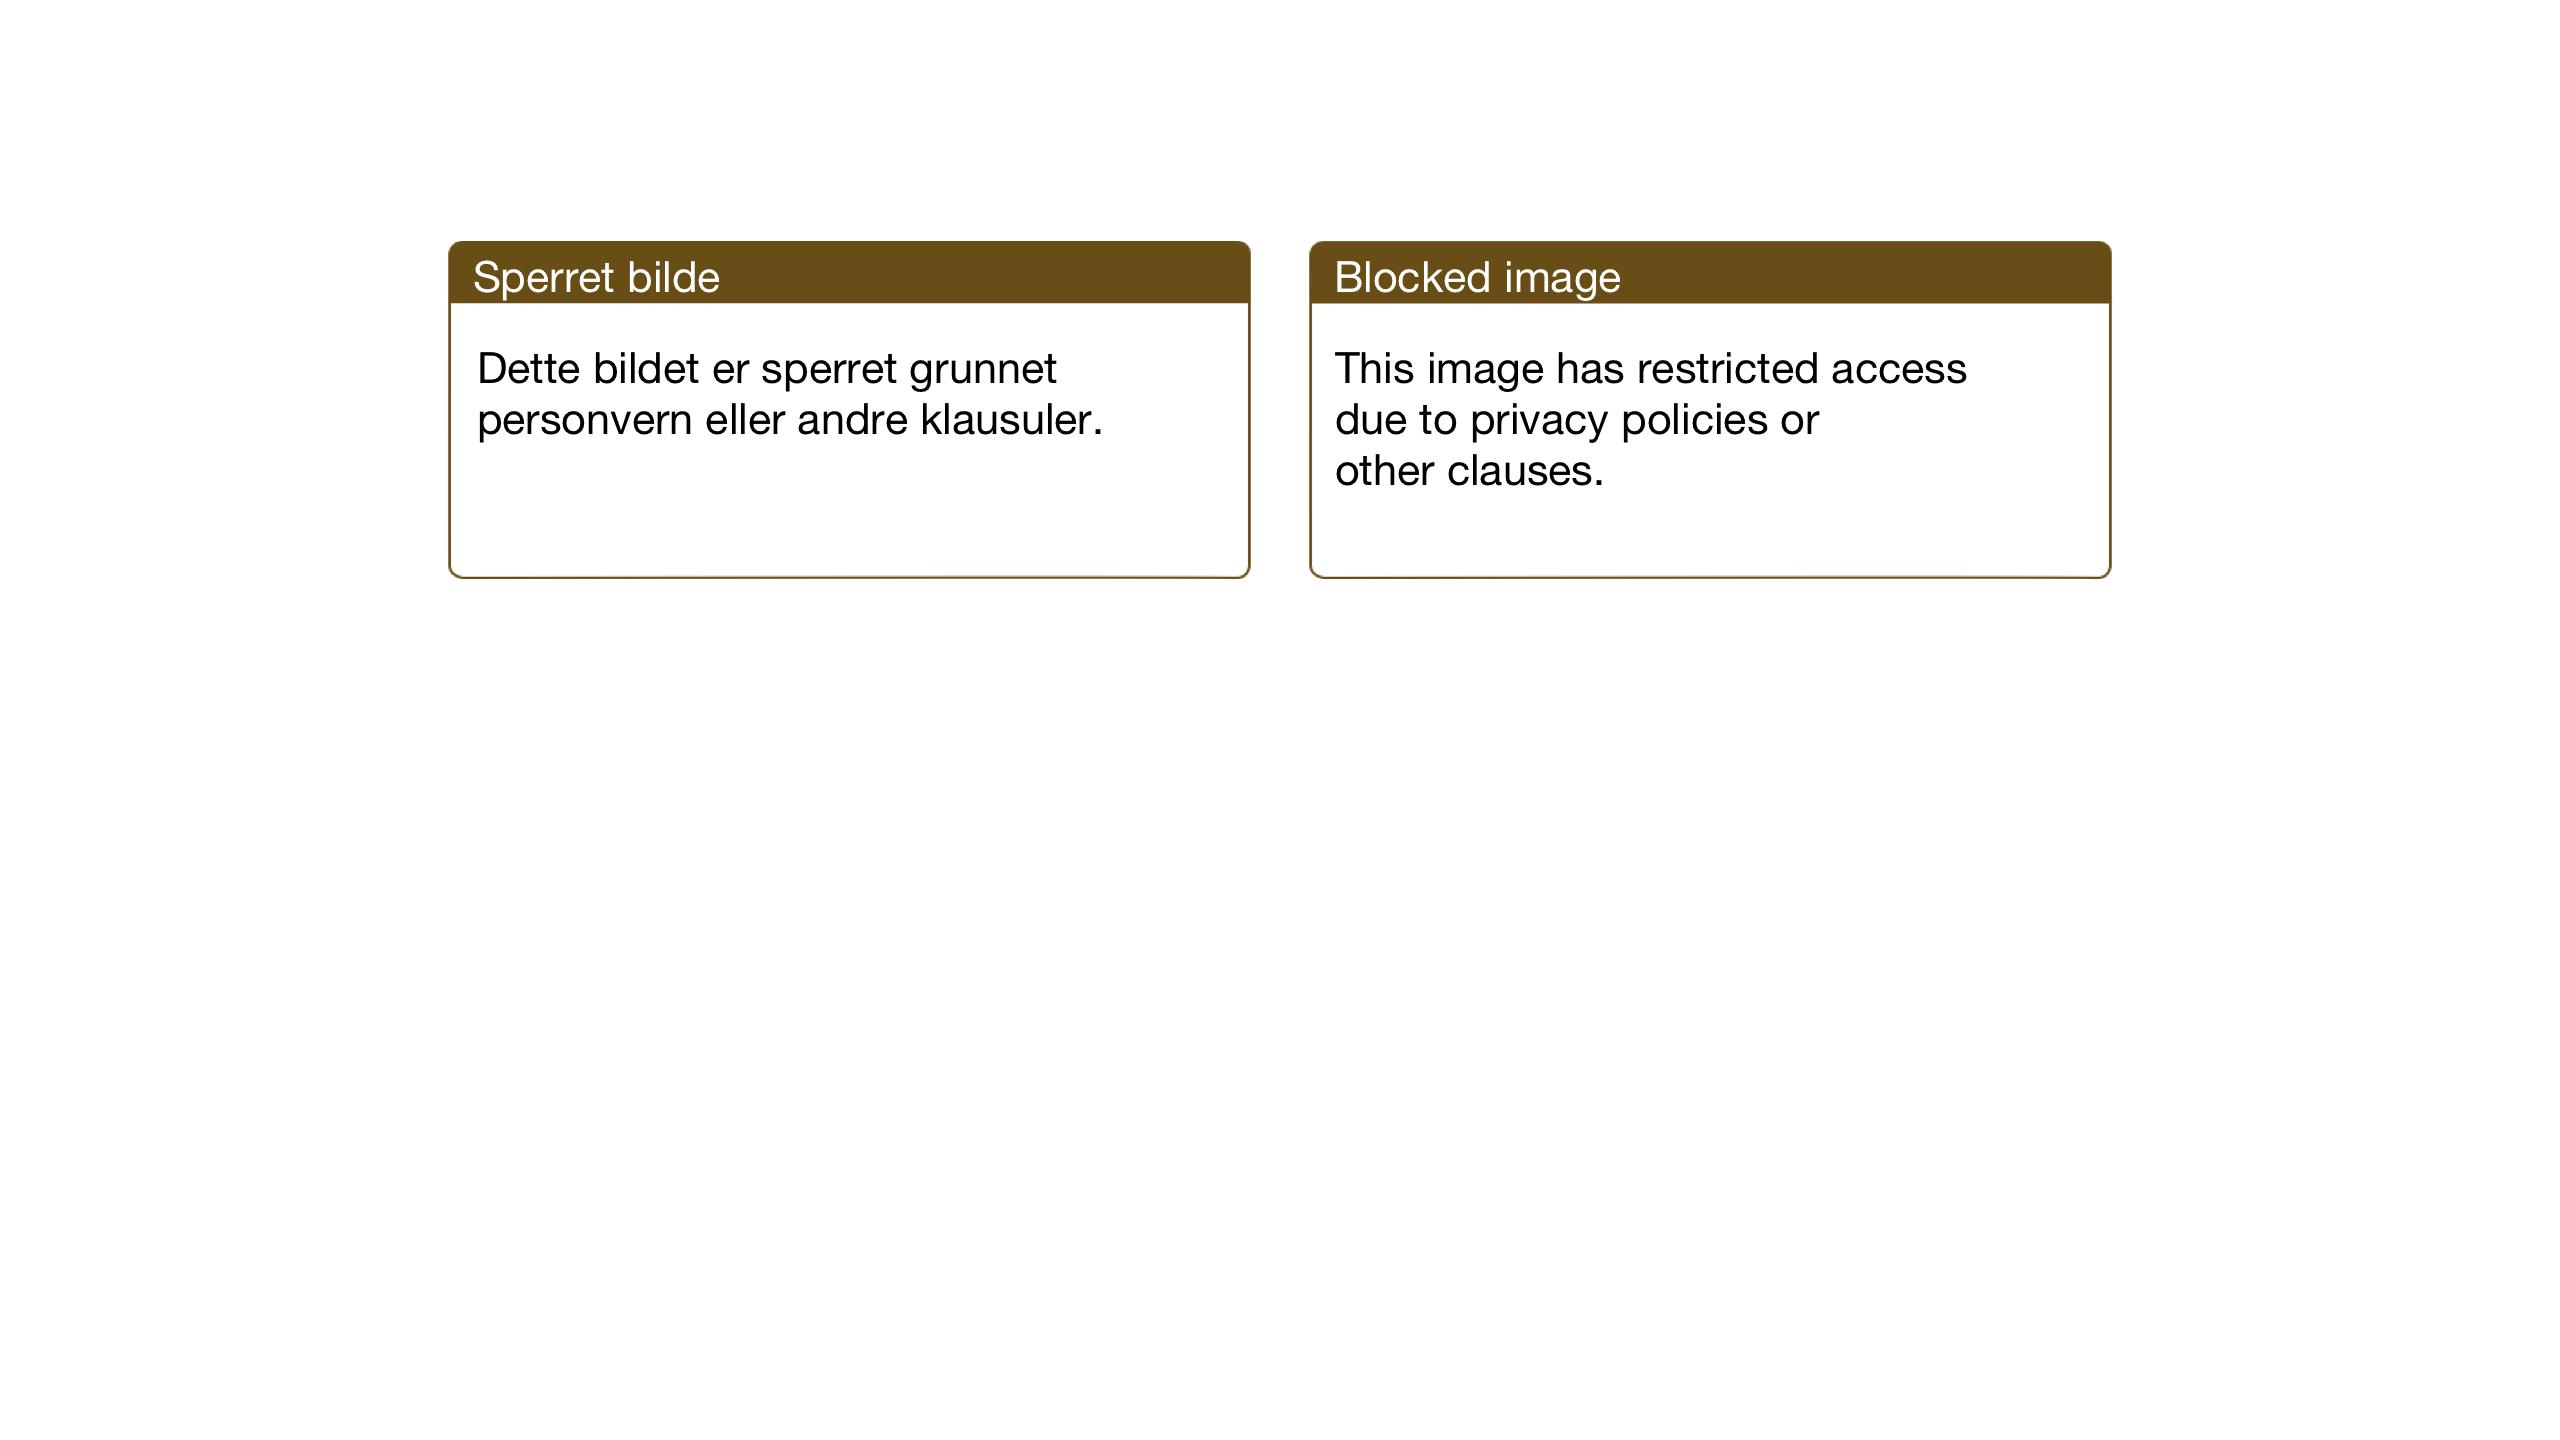 SAT, Ministerialprotokoller, klokkerbøker og fødselsregistre - Sør-Trøndelag, 658/L0727: Klokkerbok nr. 658C03, 1909-1935, s. 72